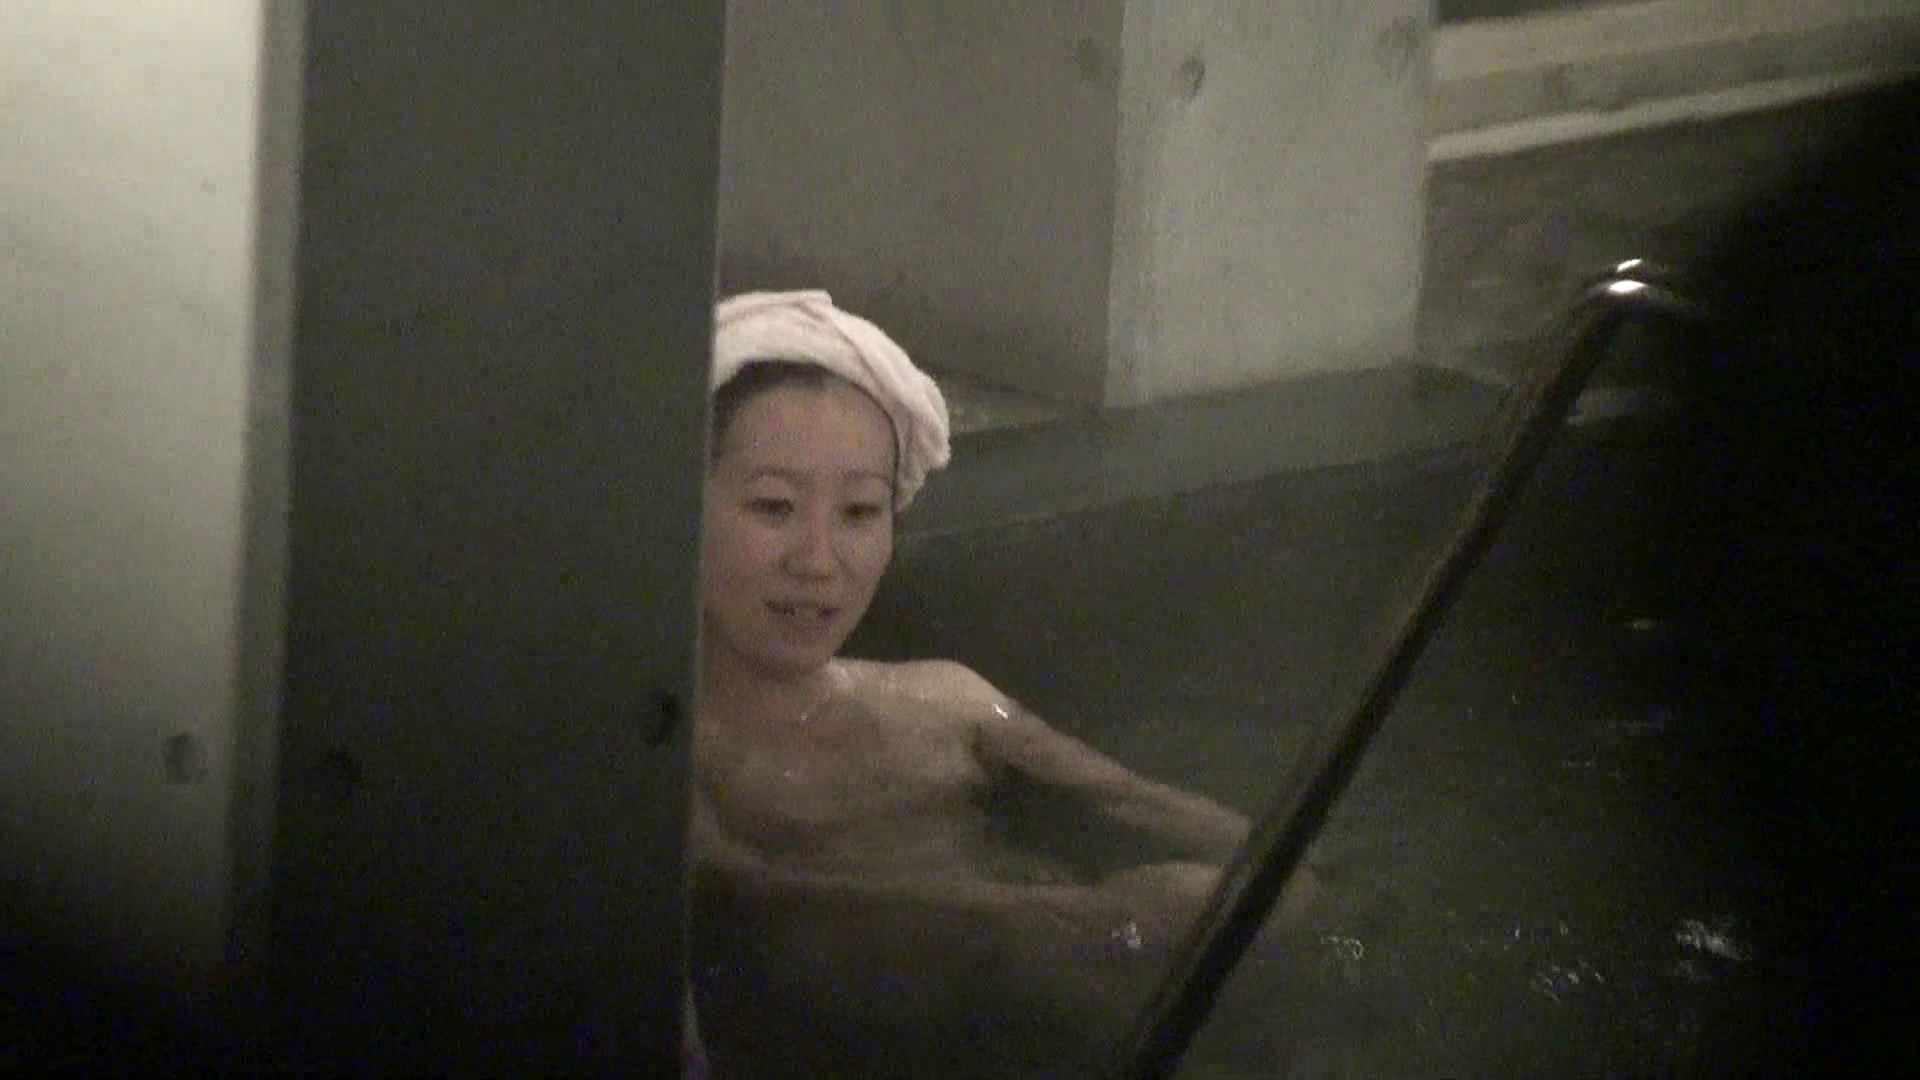 Aquaな露天風呂Vol.416 露天   OLエロ画像  20PICs 1